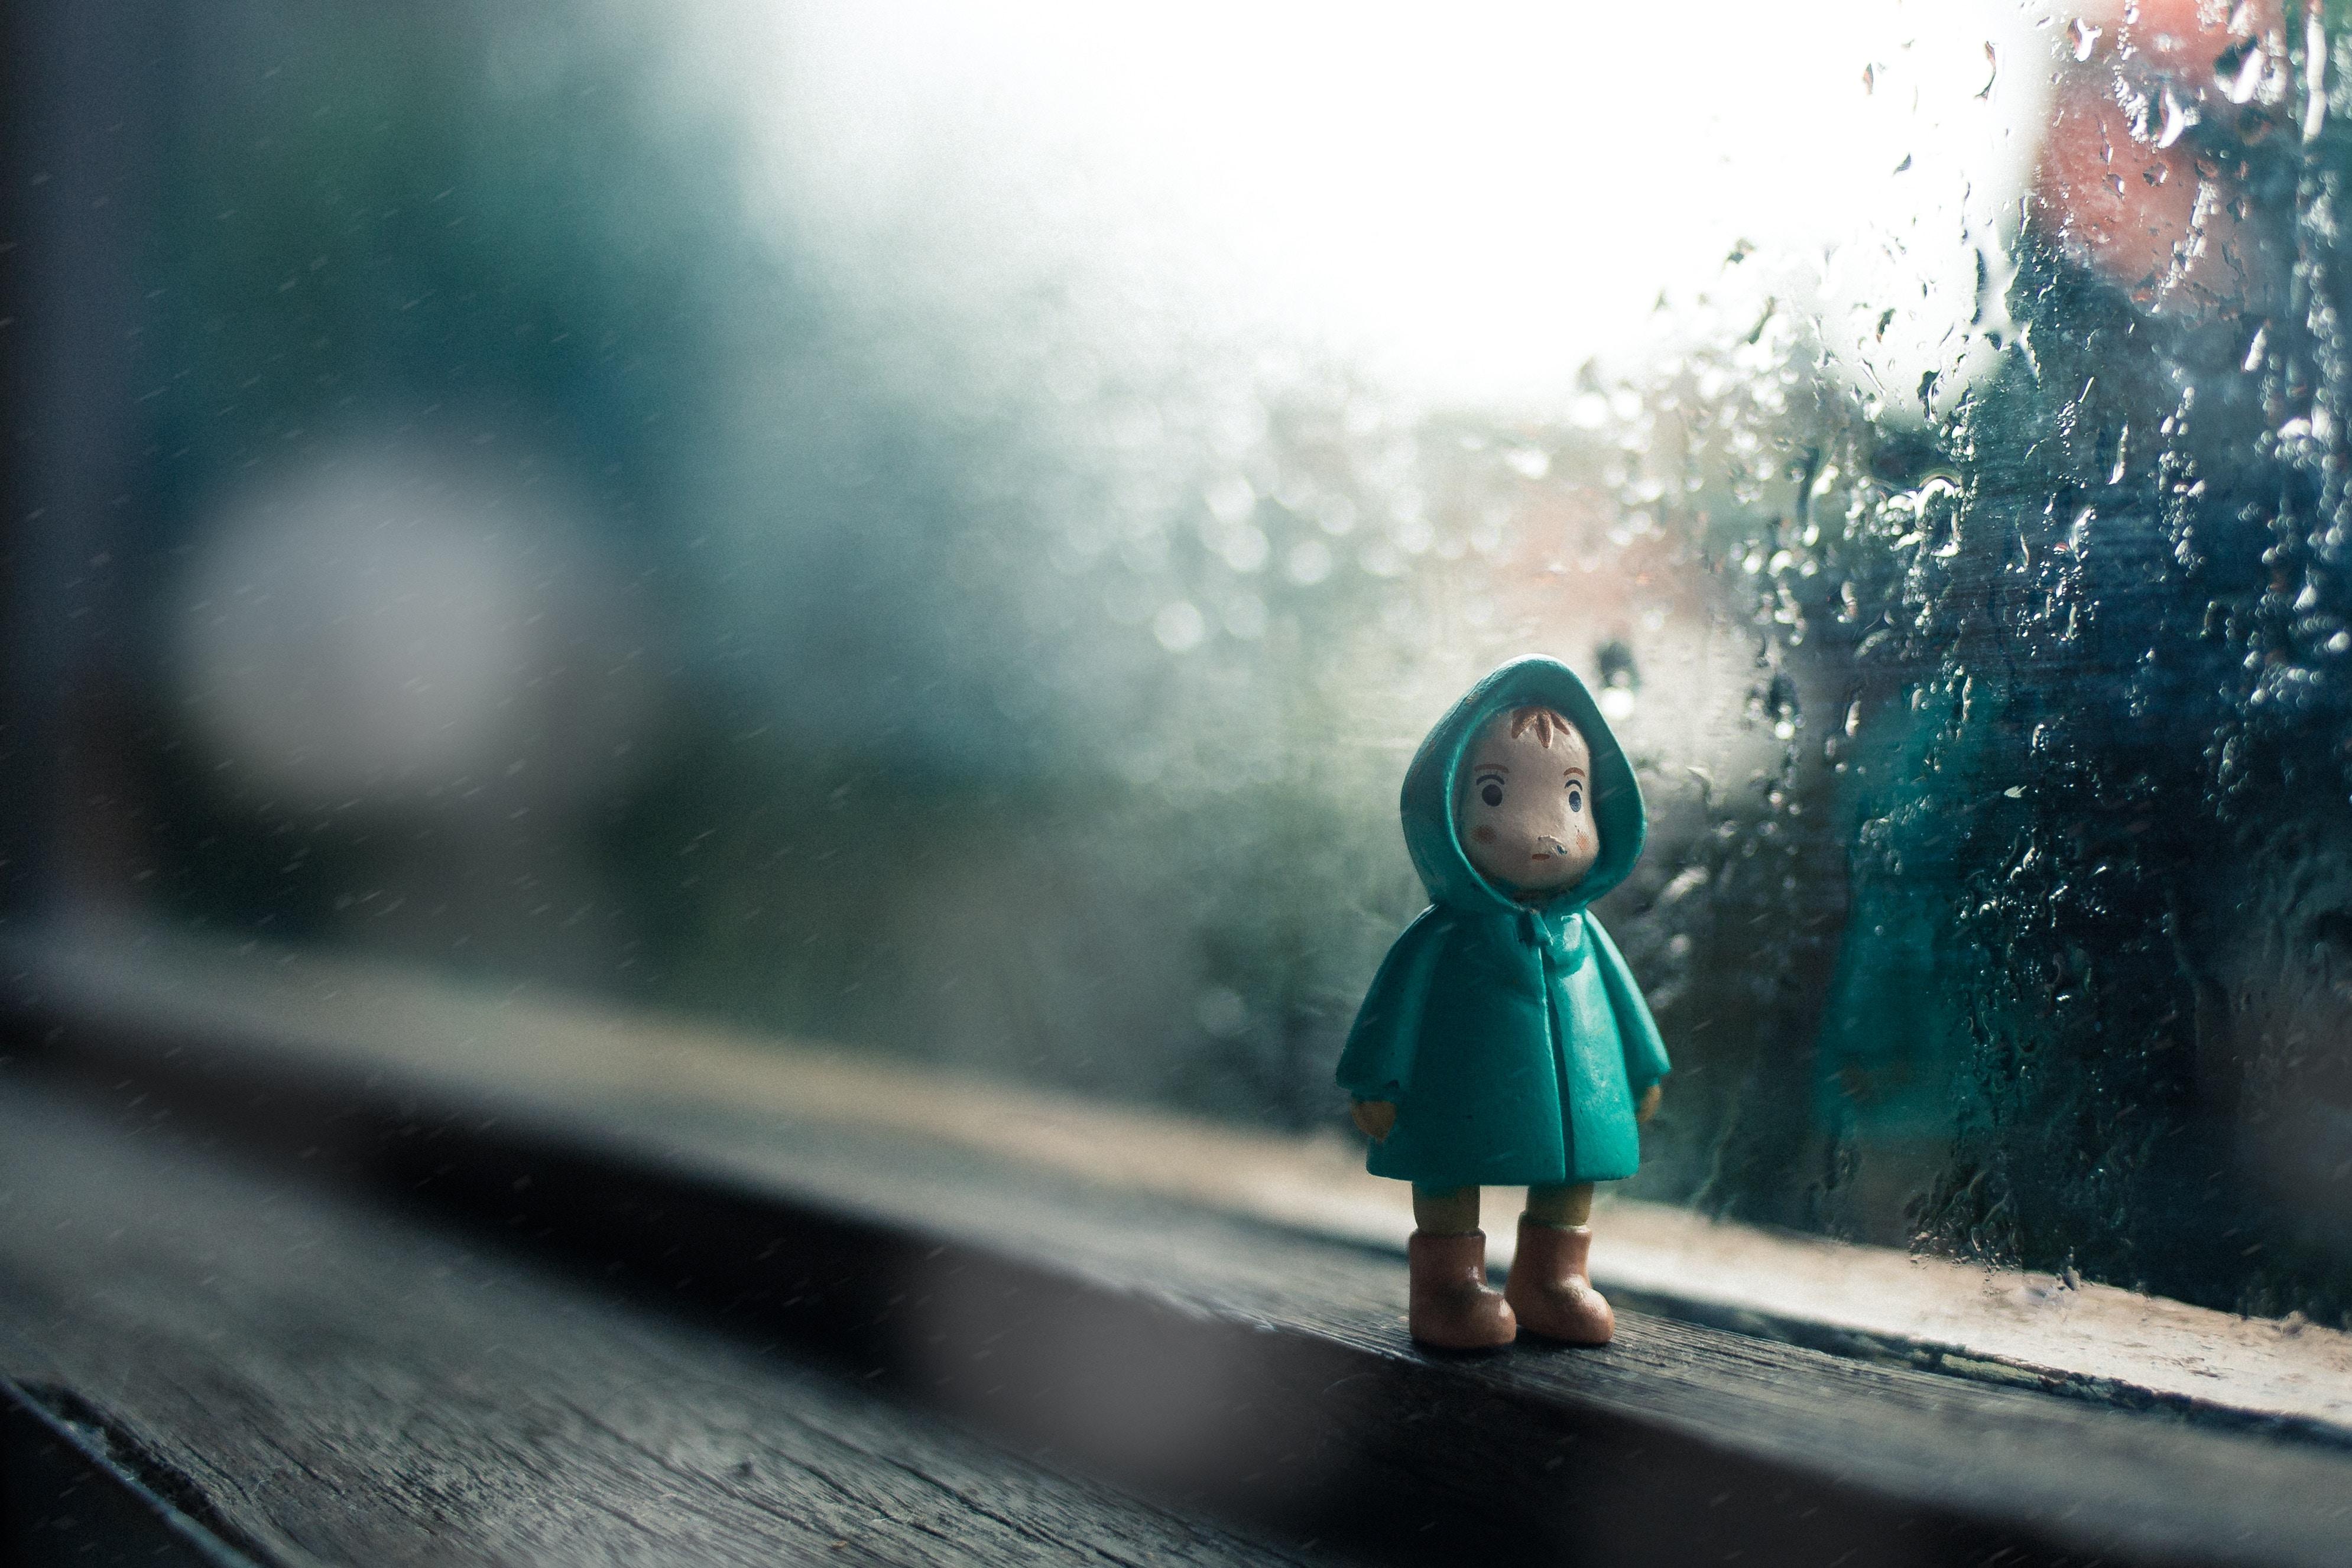 予想 関東 梅雨明け